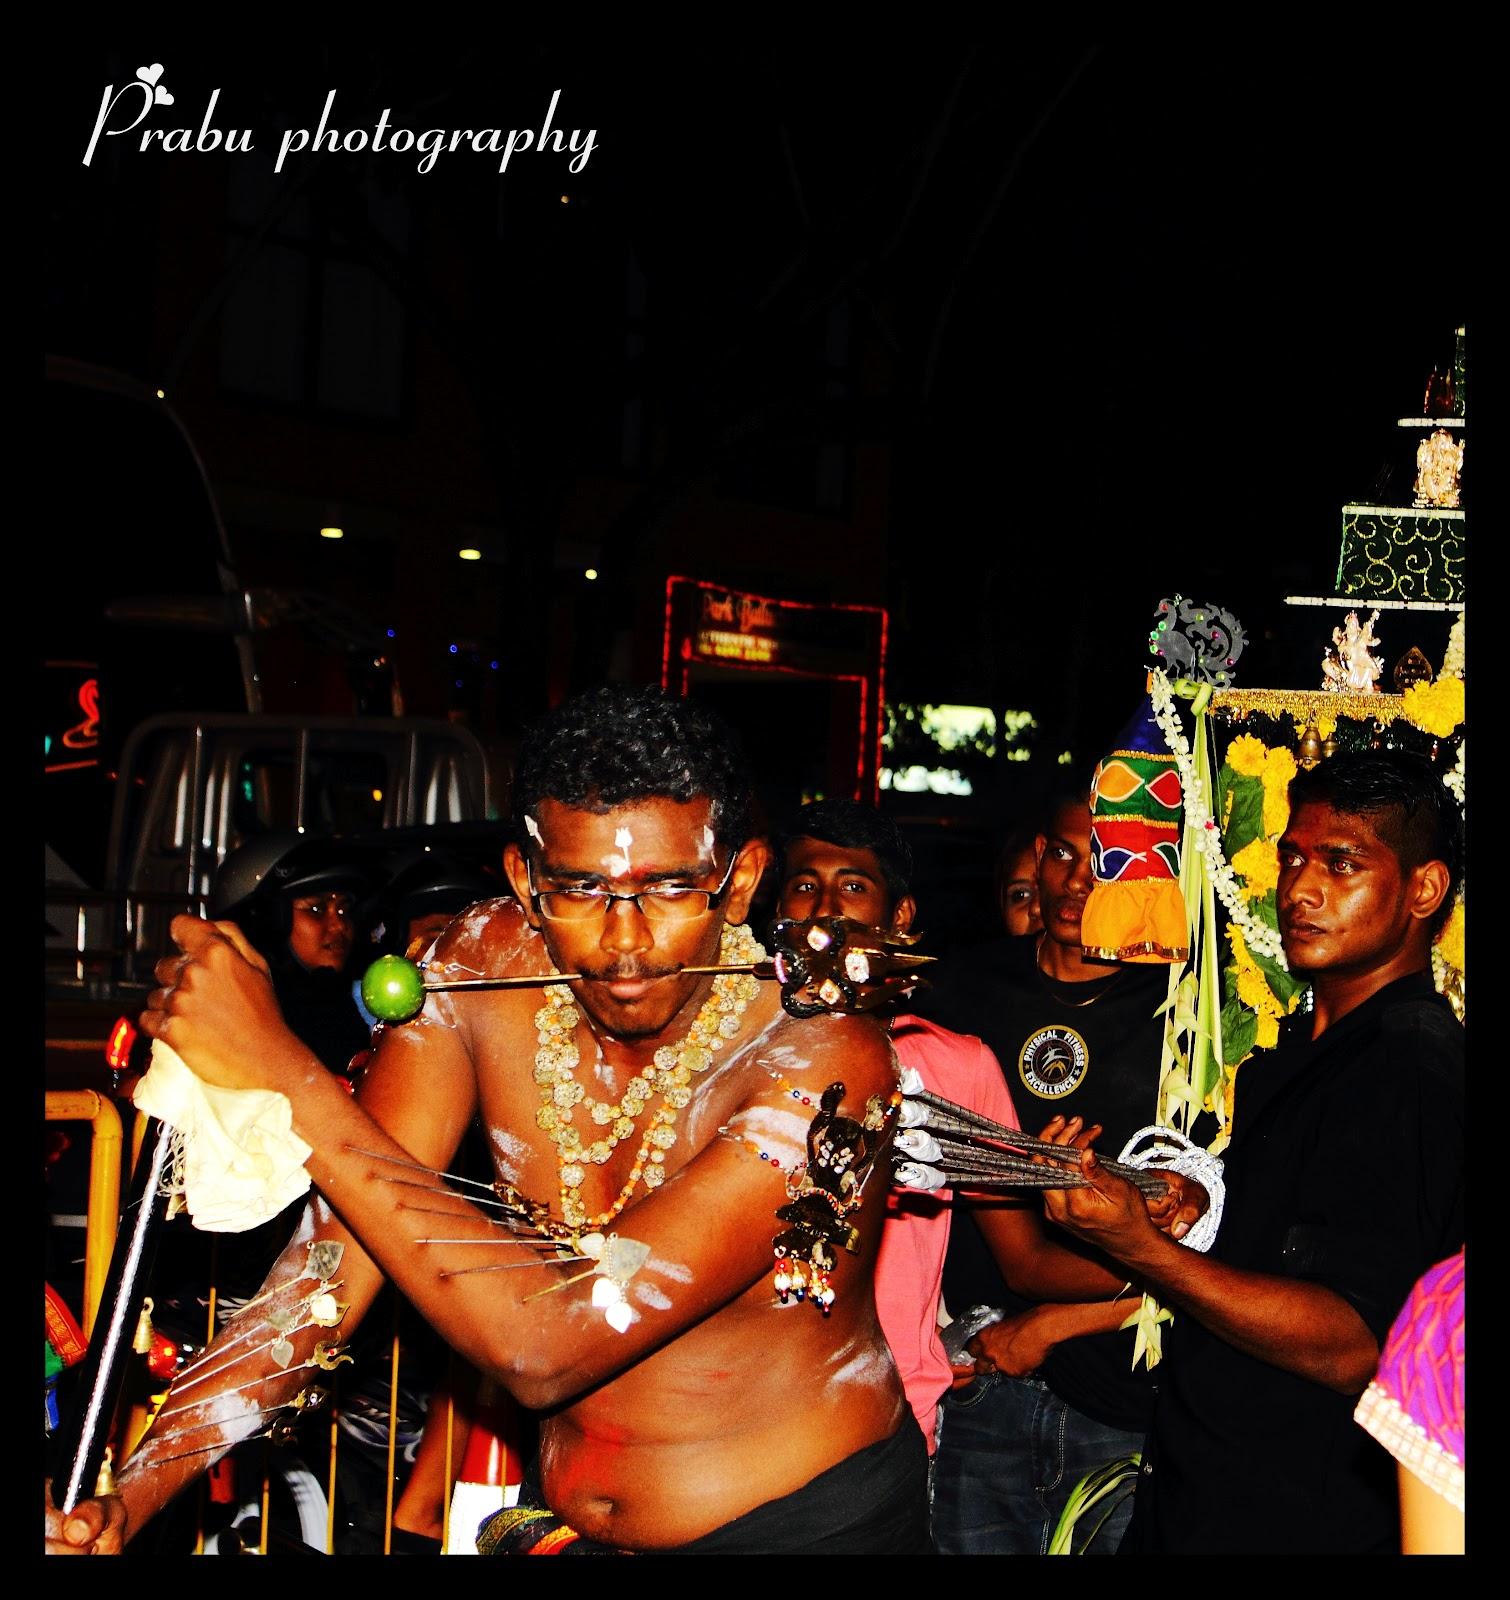 சிங்கப்பூர் தைப்பூசம் 2012 (புகைப்படங்கள்)-பகுதி-1 IMG_5190-1